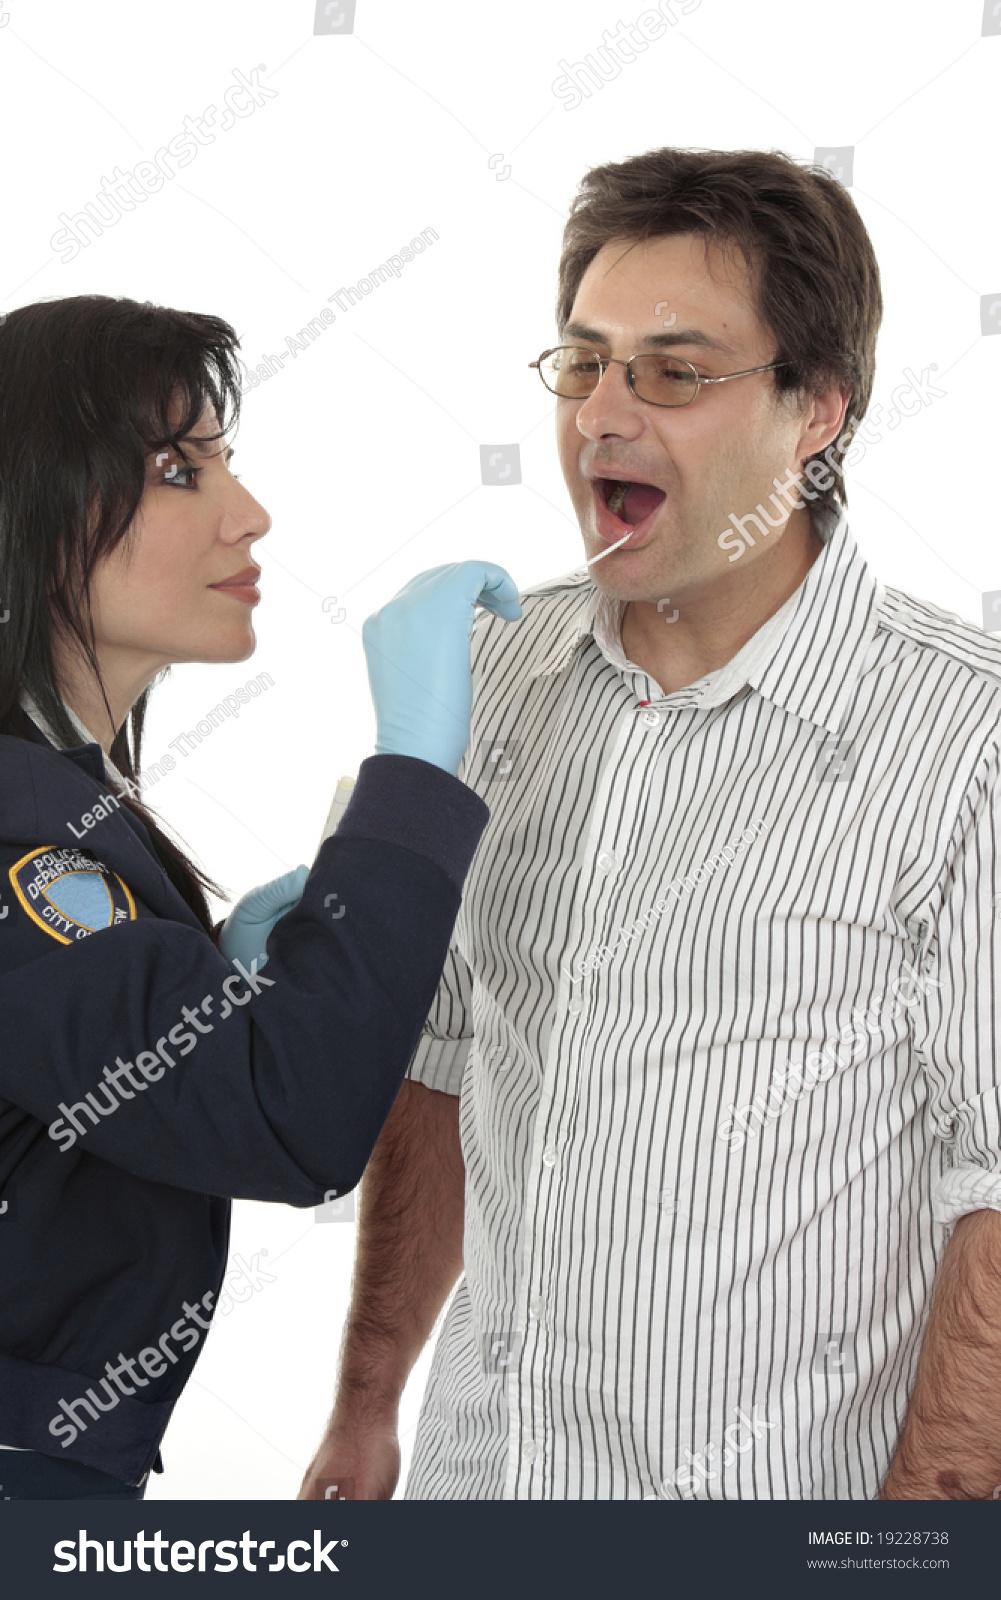 how to become a criminal investigator canada